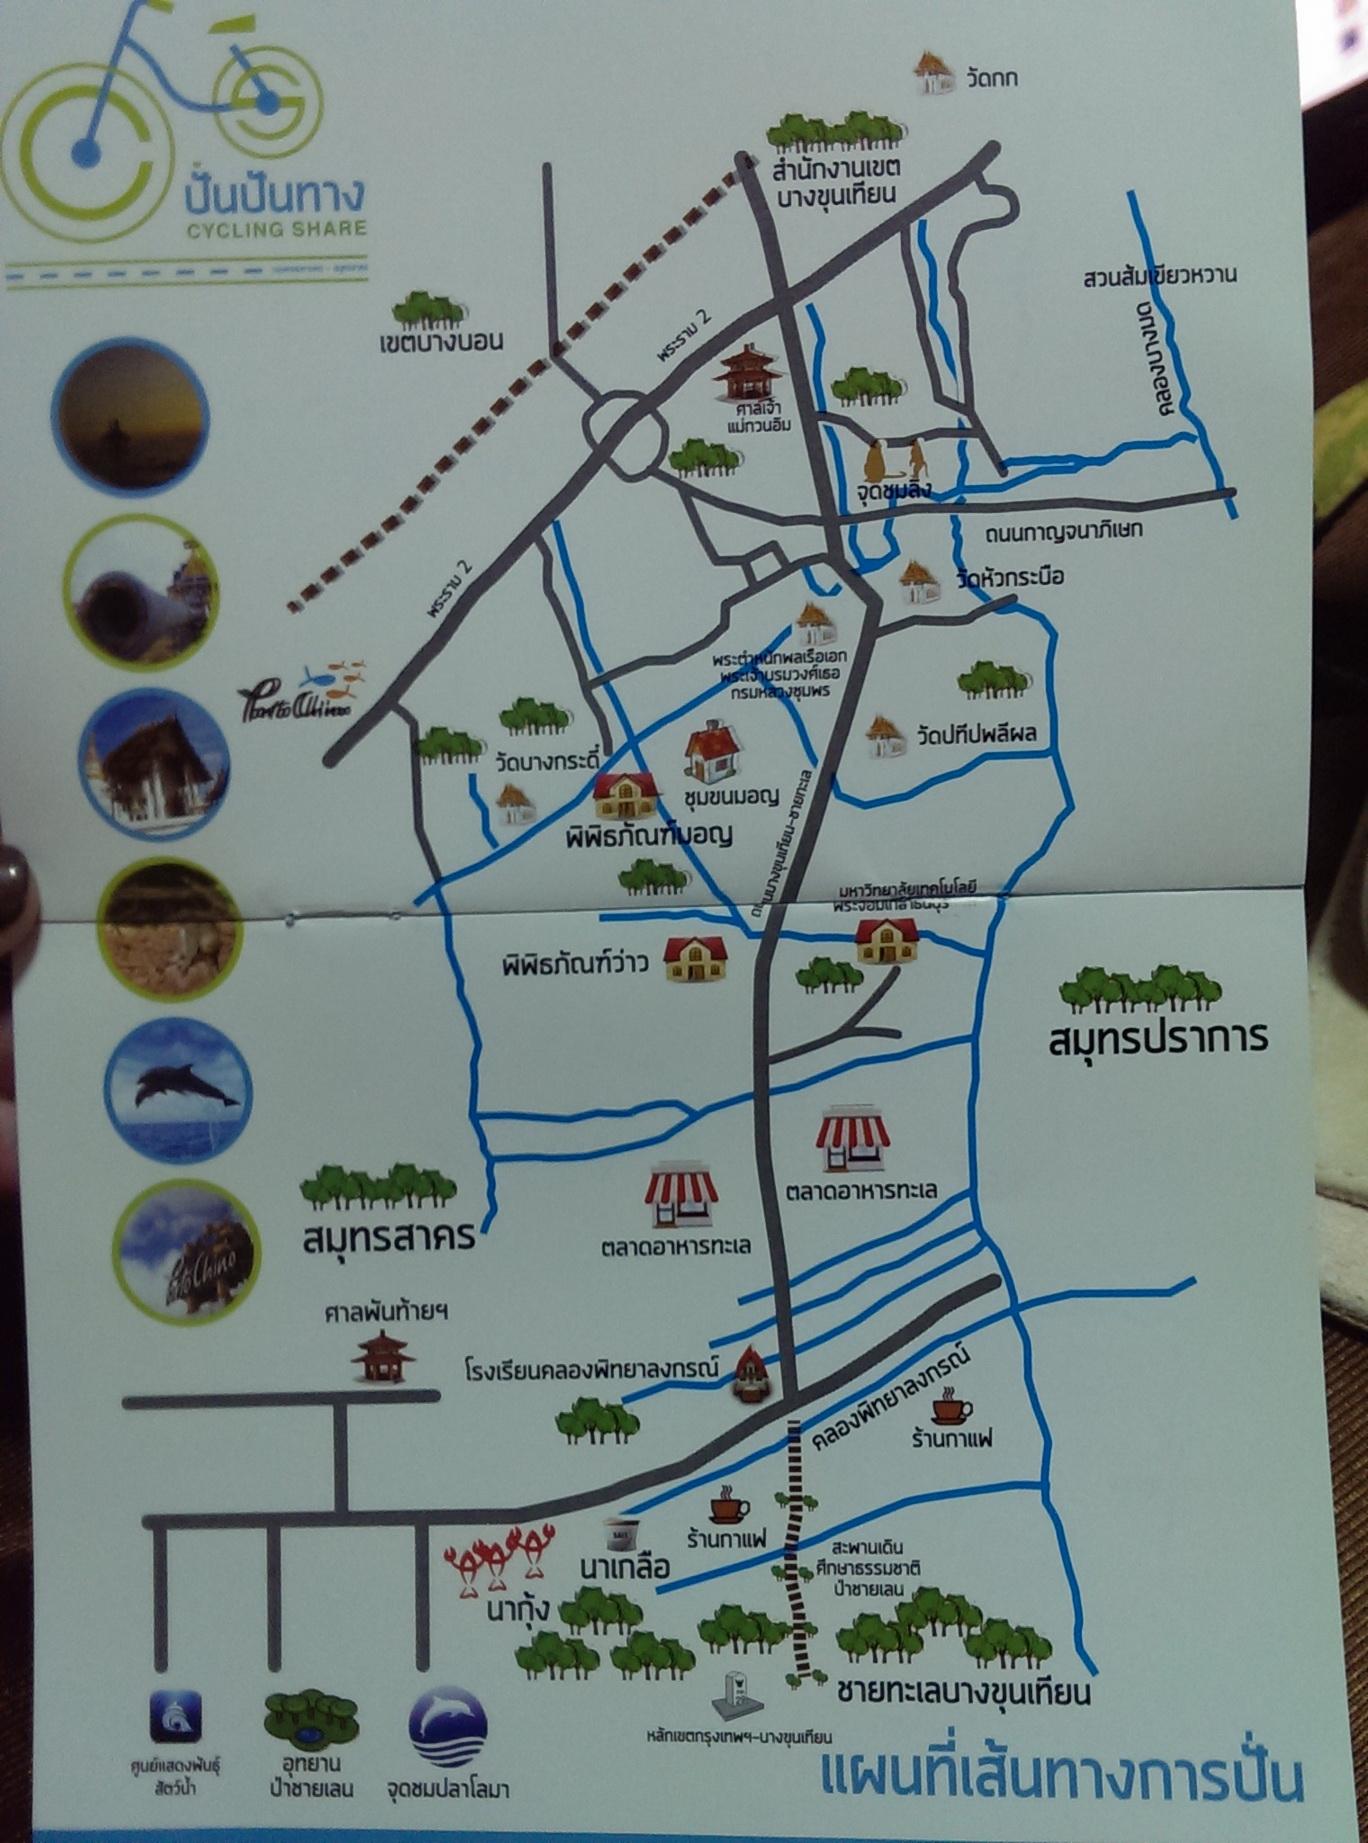 แผนที่ท่องเที่ยวทะเลกรุงเทพ